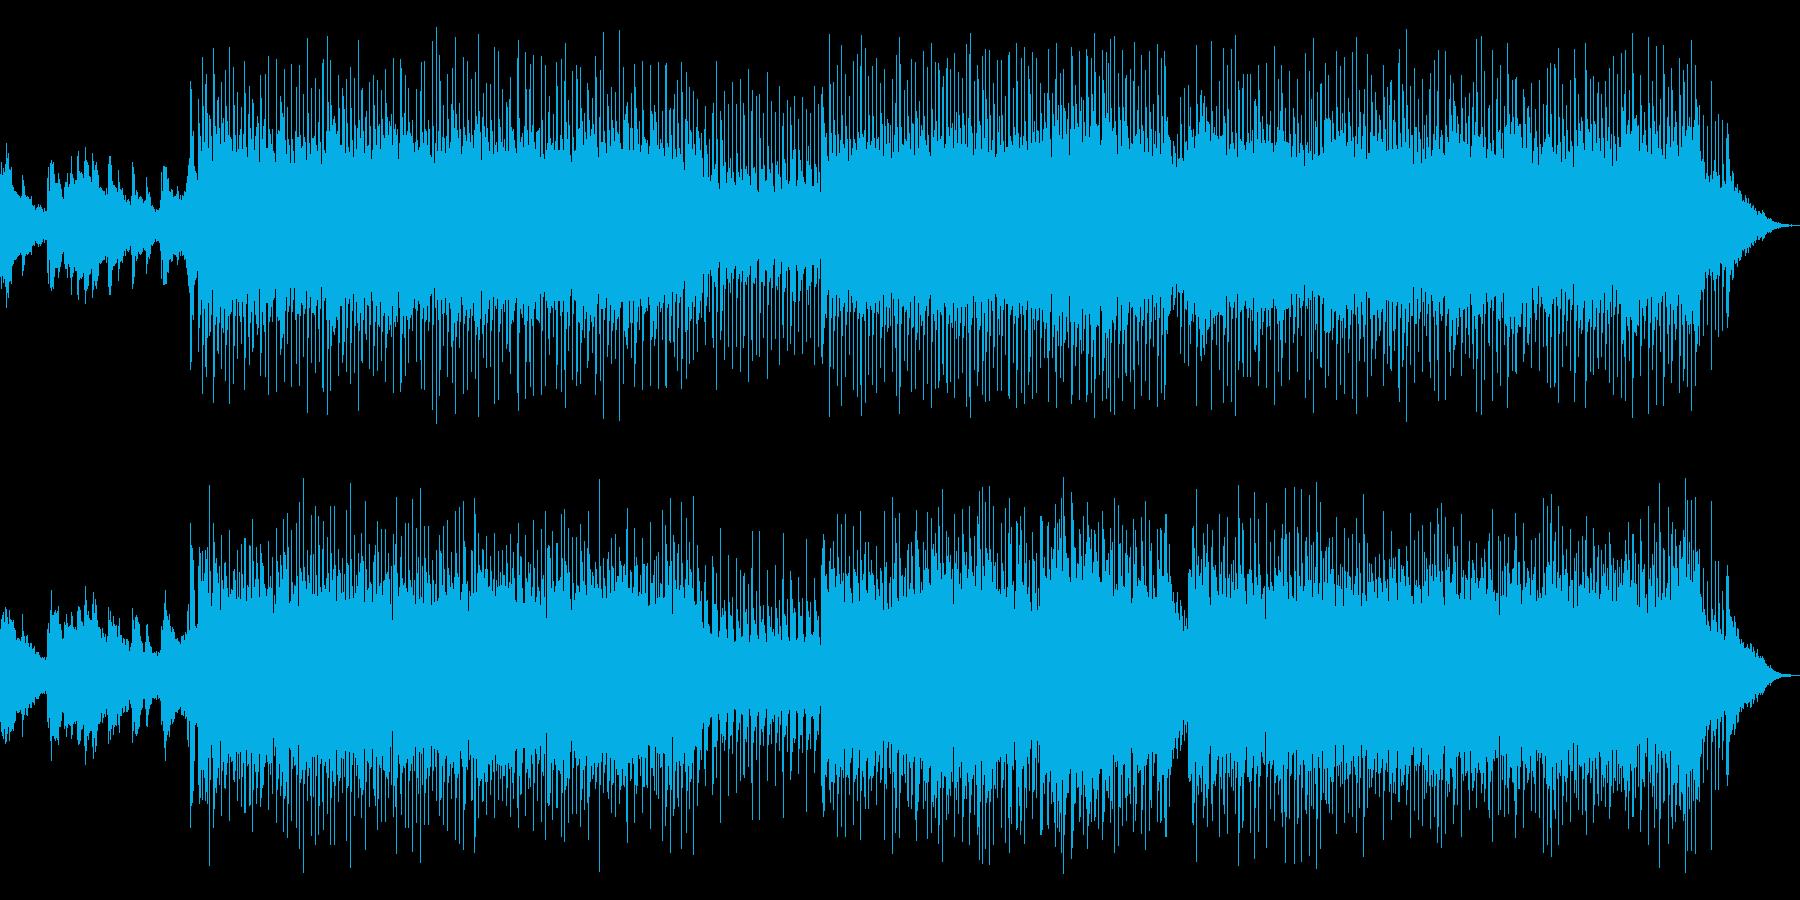 モダン和風EDM/ReMIX/中尺の再生済みの波形